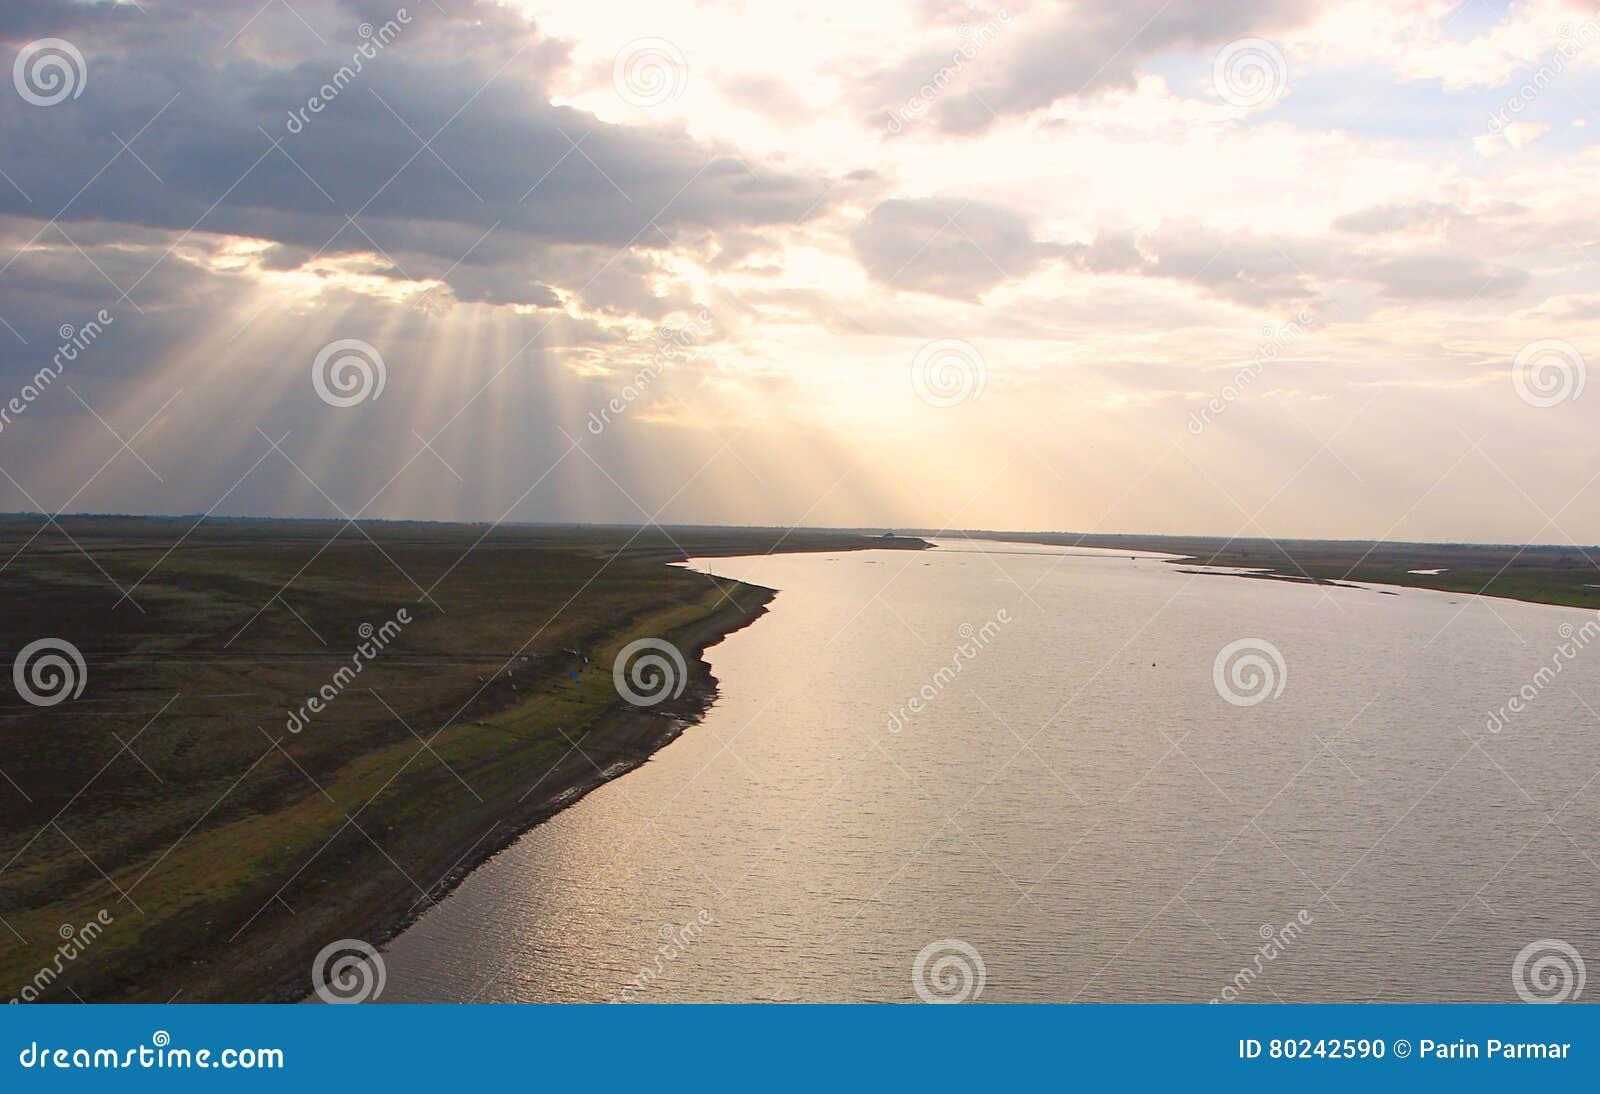 阳光通过延长河的云彩